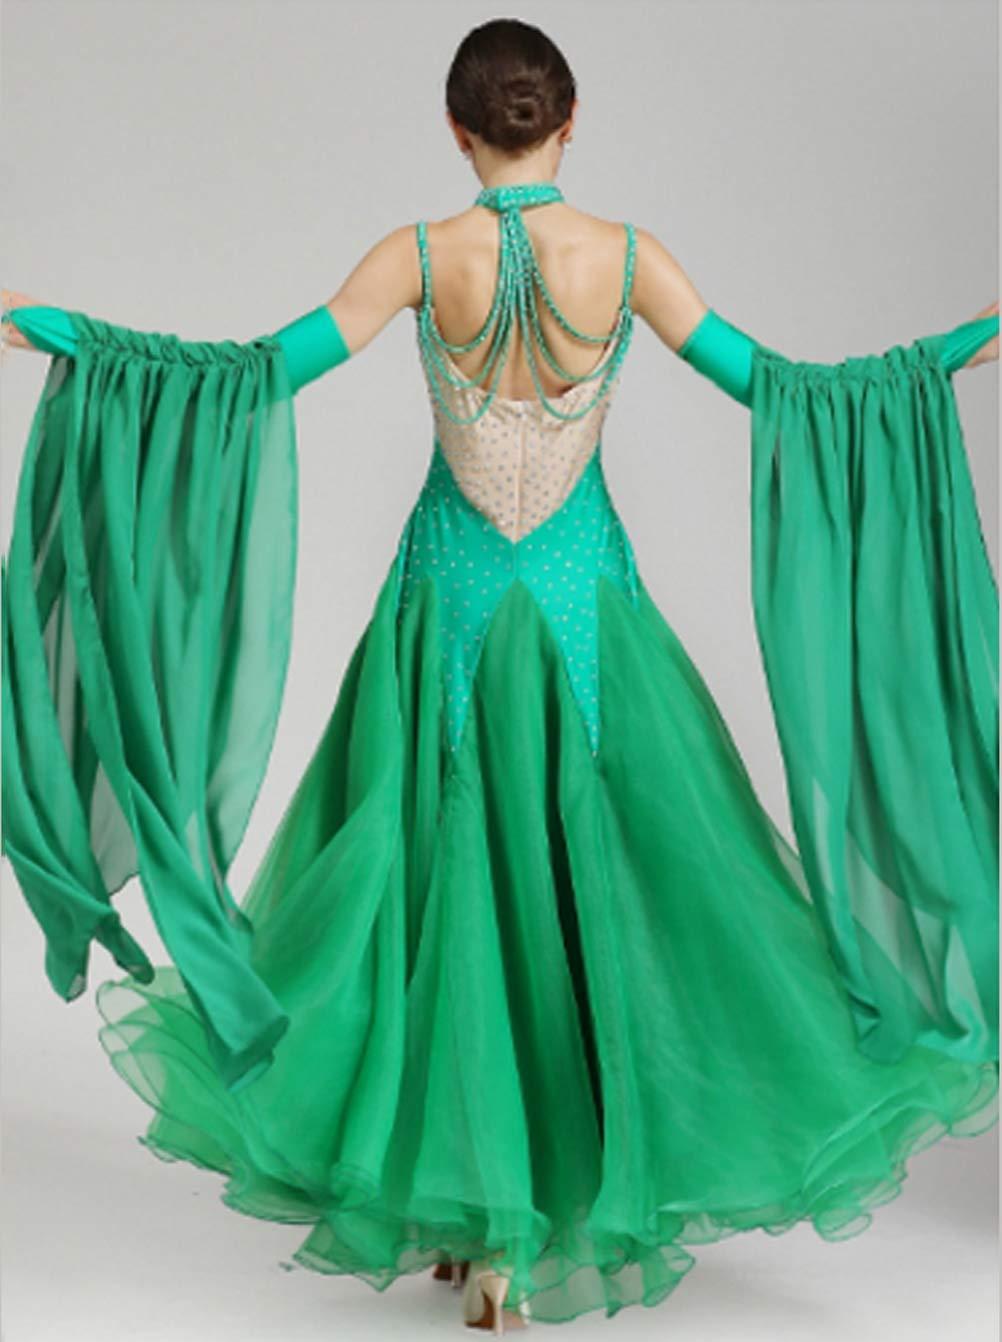 Wangmei Wangmei Wangmei Ballsaaltanz Kleider Moderne Performance Kostüme für Damen Walzer Tango Glattes Kleid Wettbewerb Tanzbekleidung, XL B07MJ23LNQ Bekleidung Erschwinglich f1b754